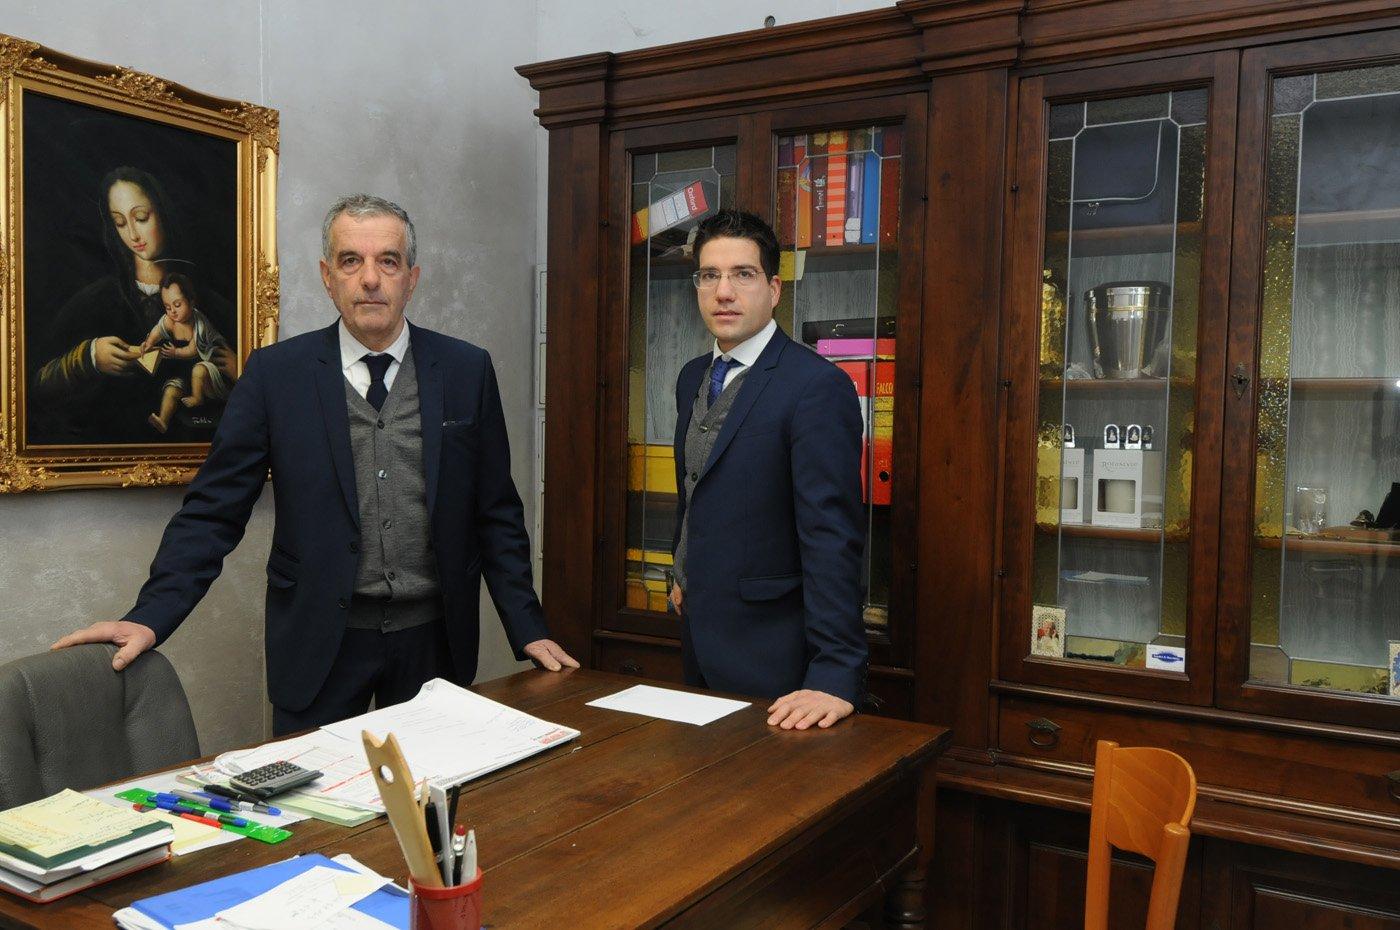 studio con i proprietari Onoranze Funebri